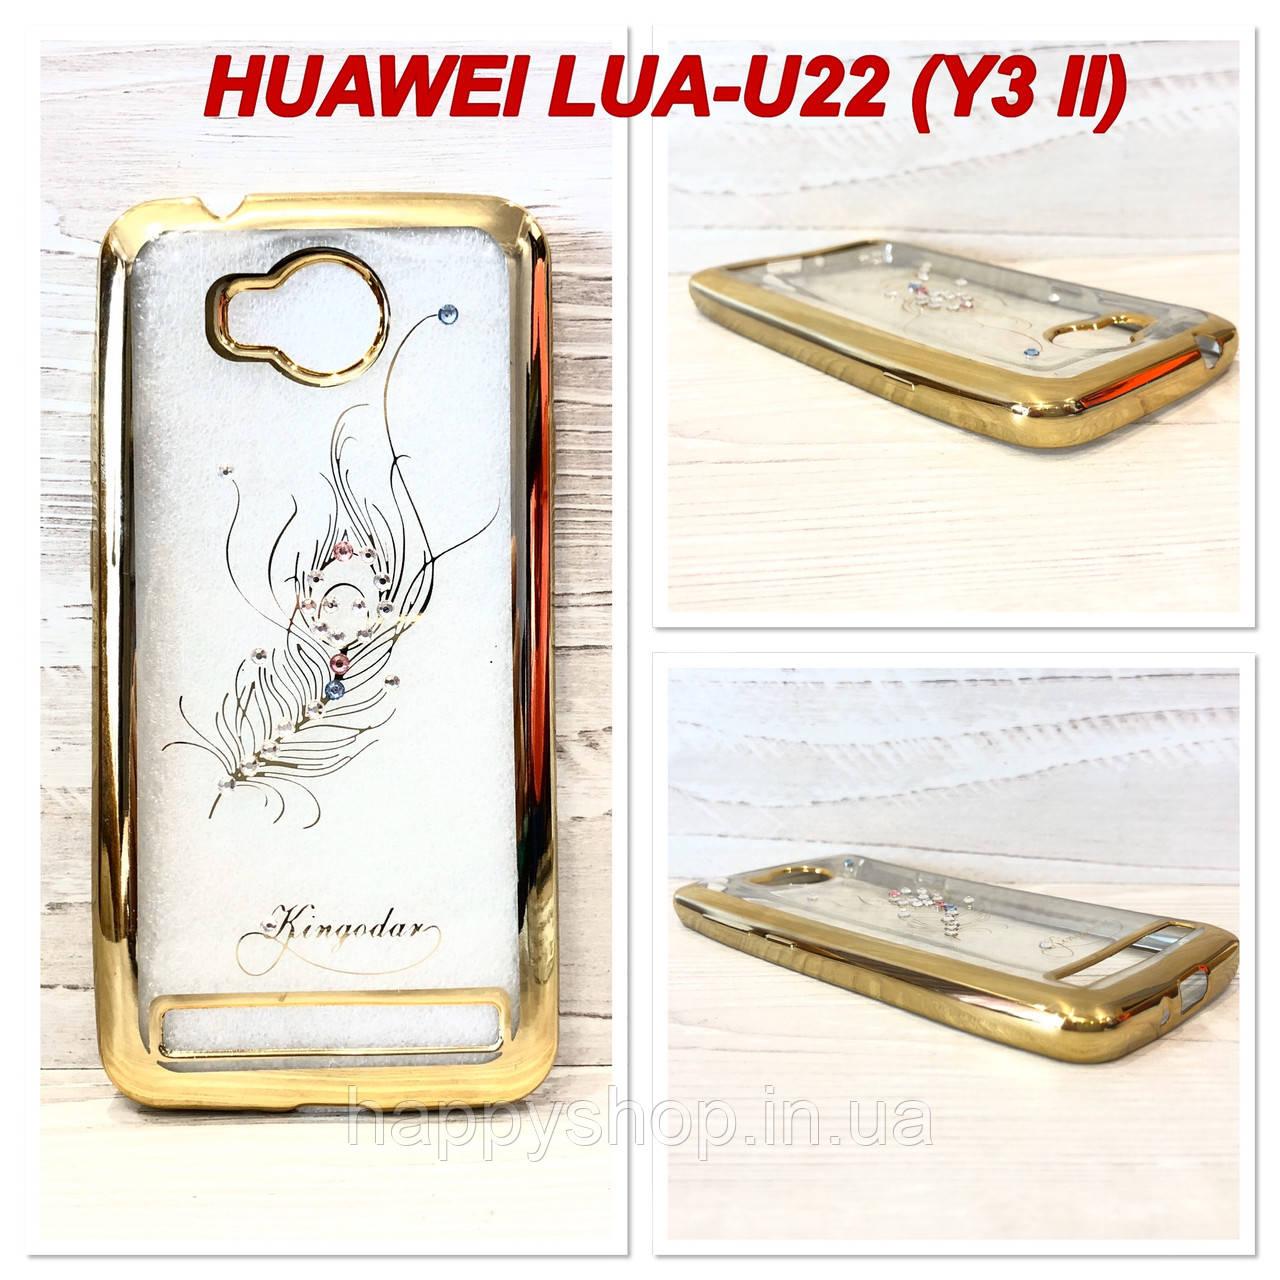 Силиконовый чехол Beckberg для Huawei LUA-U22 (Y3 II) Firebird